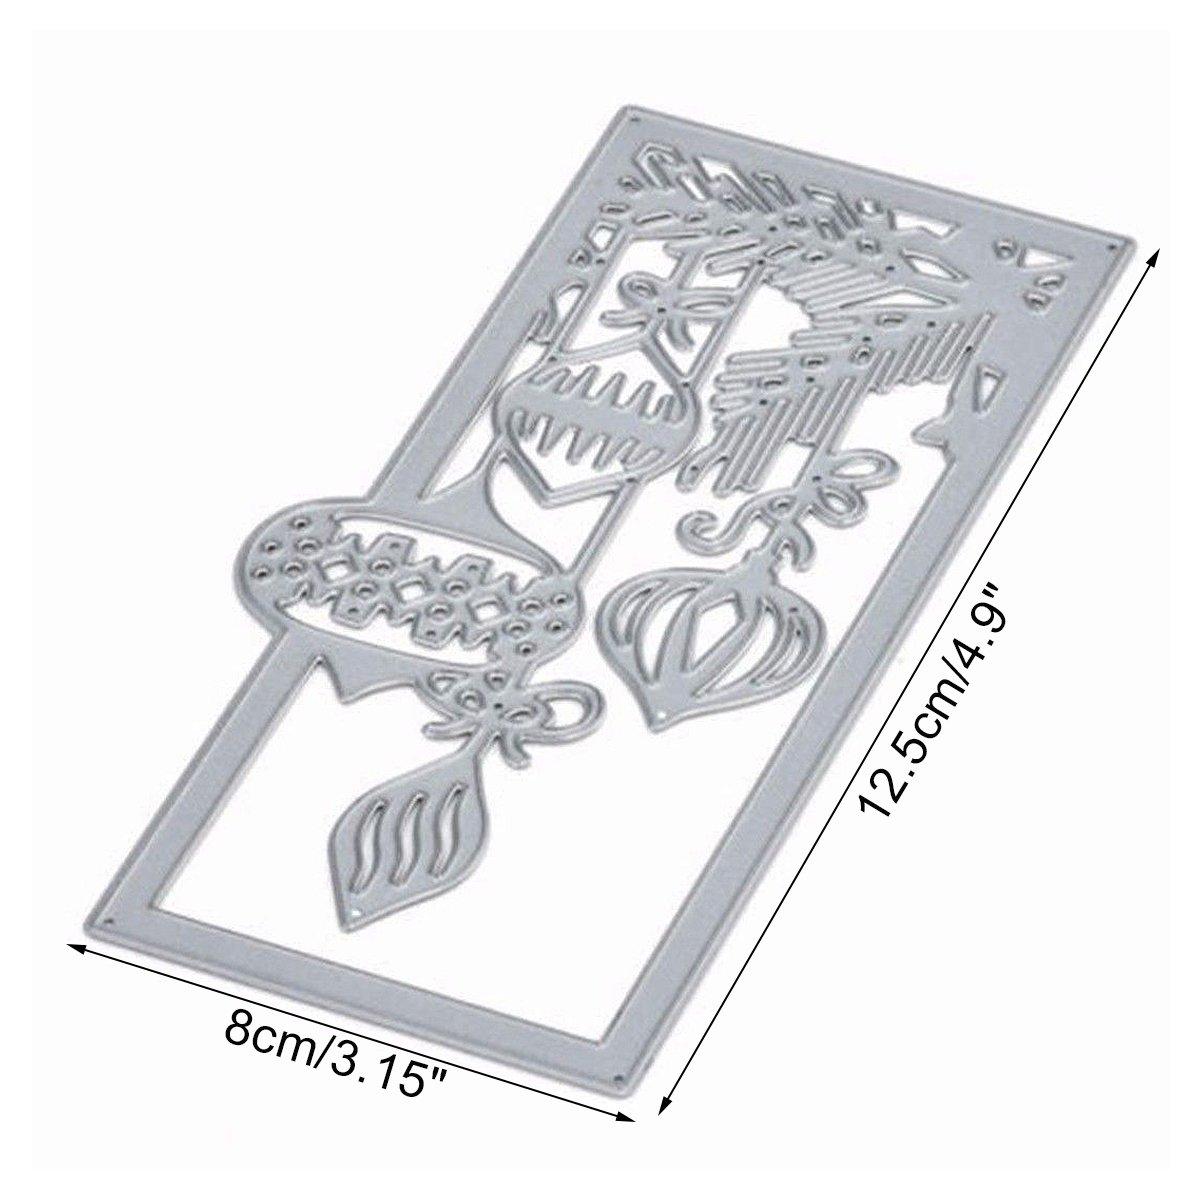 MYAMIA Linterna Metal Patrón Cortar Troqueles Moldes Navidad Bricolaje Papel Tarjeta Arte Plantilla Scrapbook Regalos: Amazon.es: Hogar